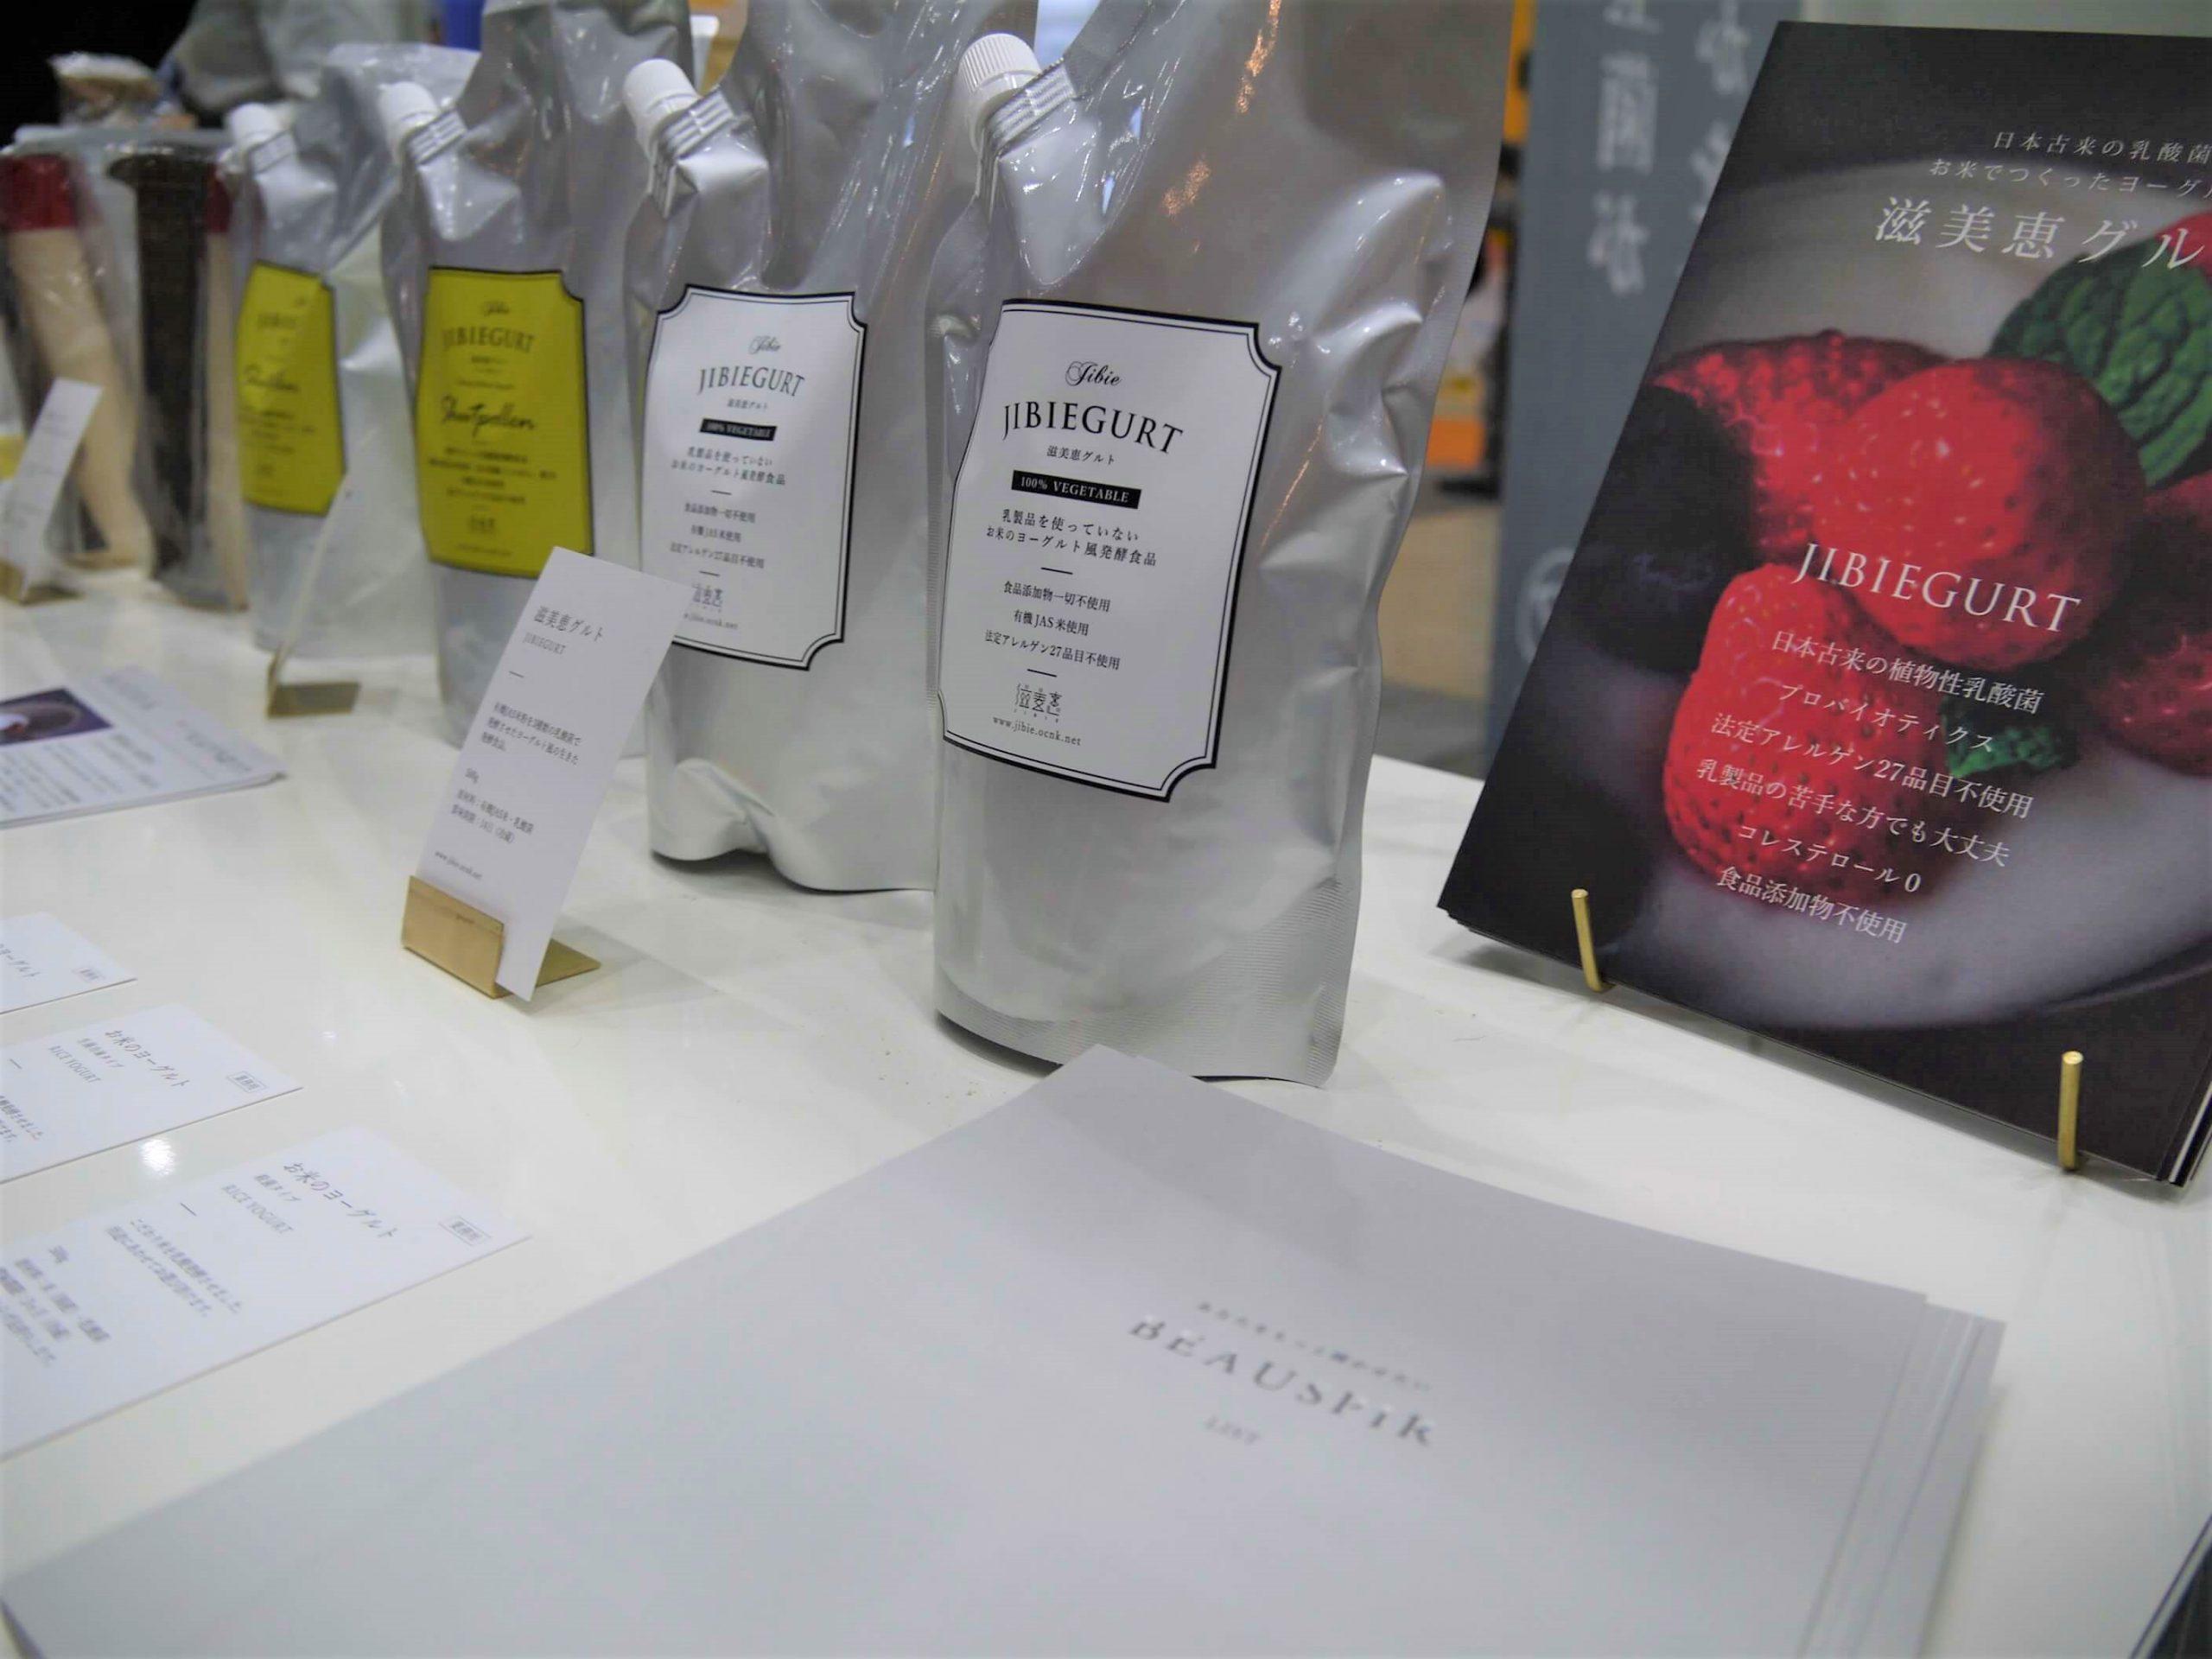 カラダ改善プロジェクト2019アレルギー対策展出展商品